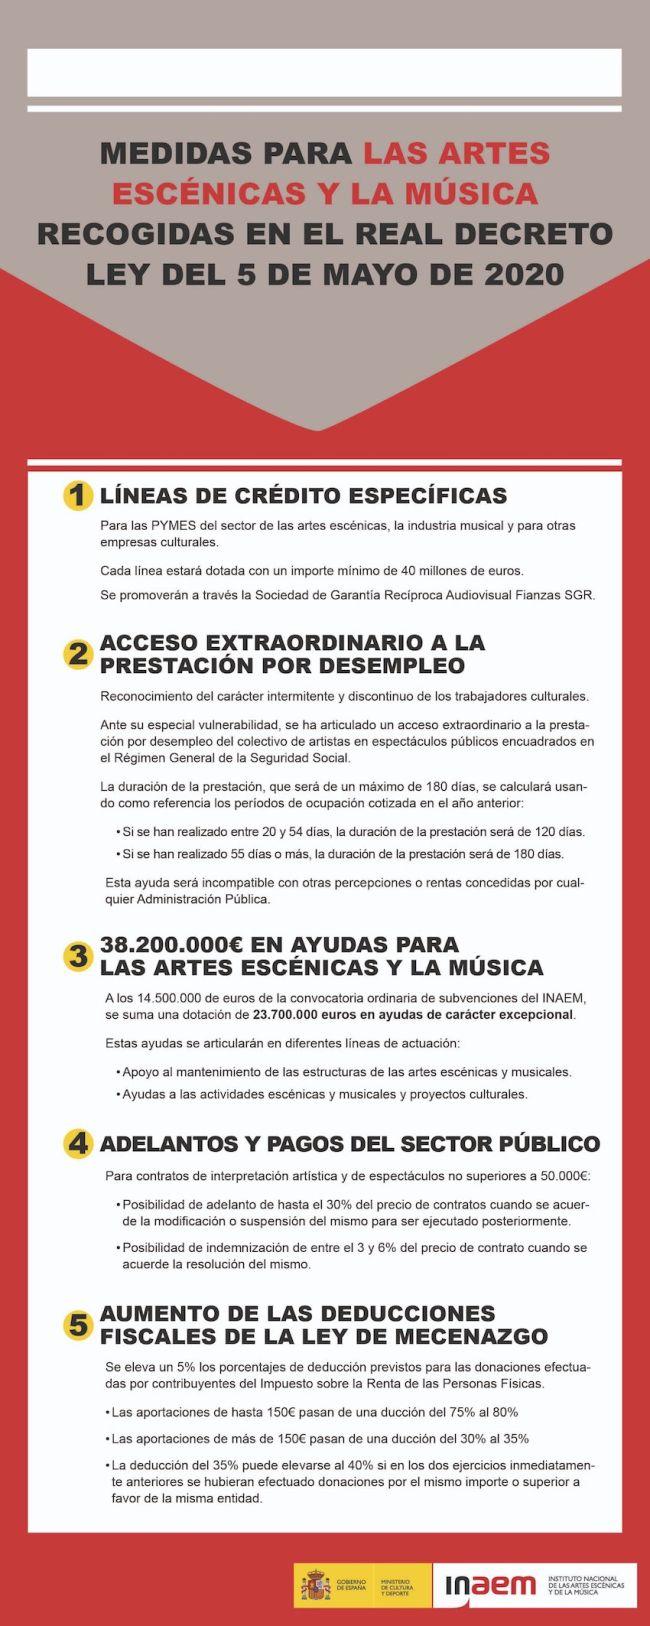 resumen_ayudas_cultura_mayo20